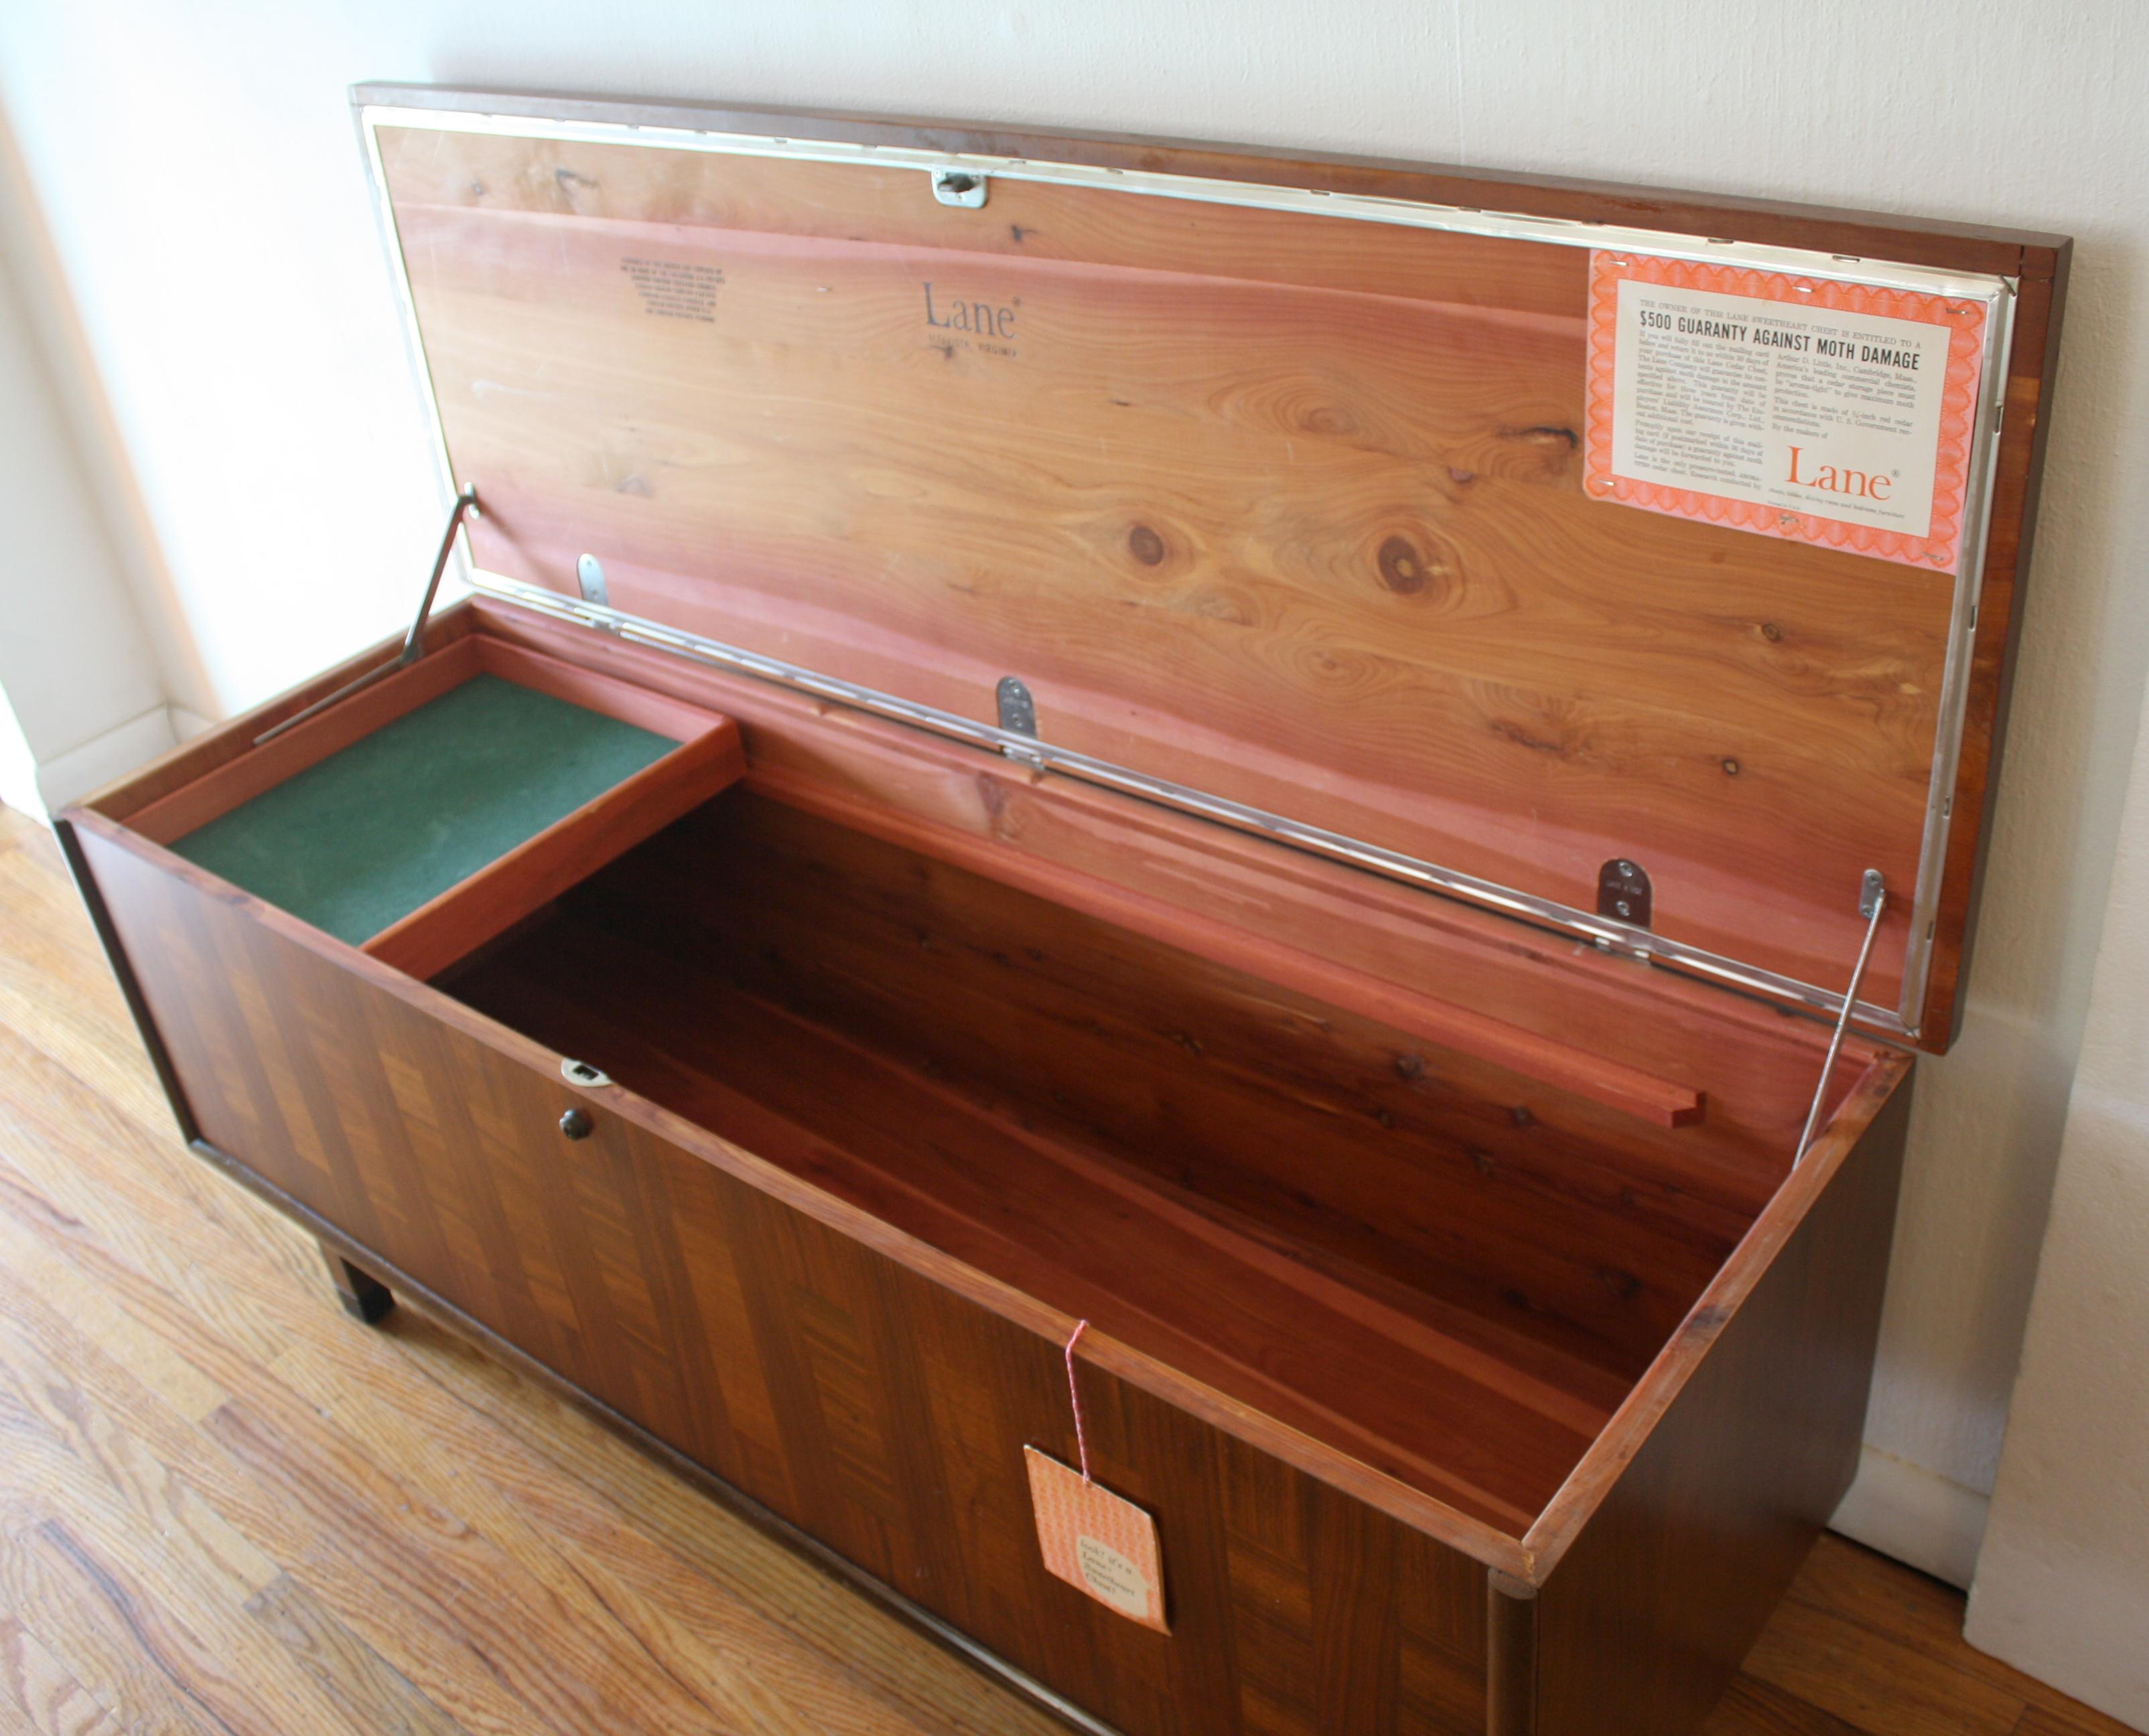 Lane parquet design cedar chest trunk 2